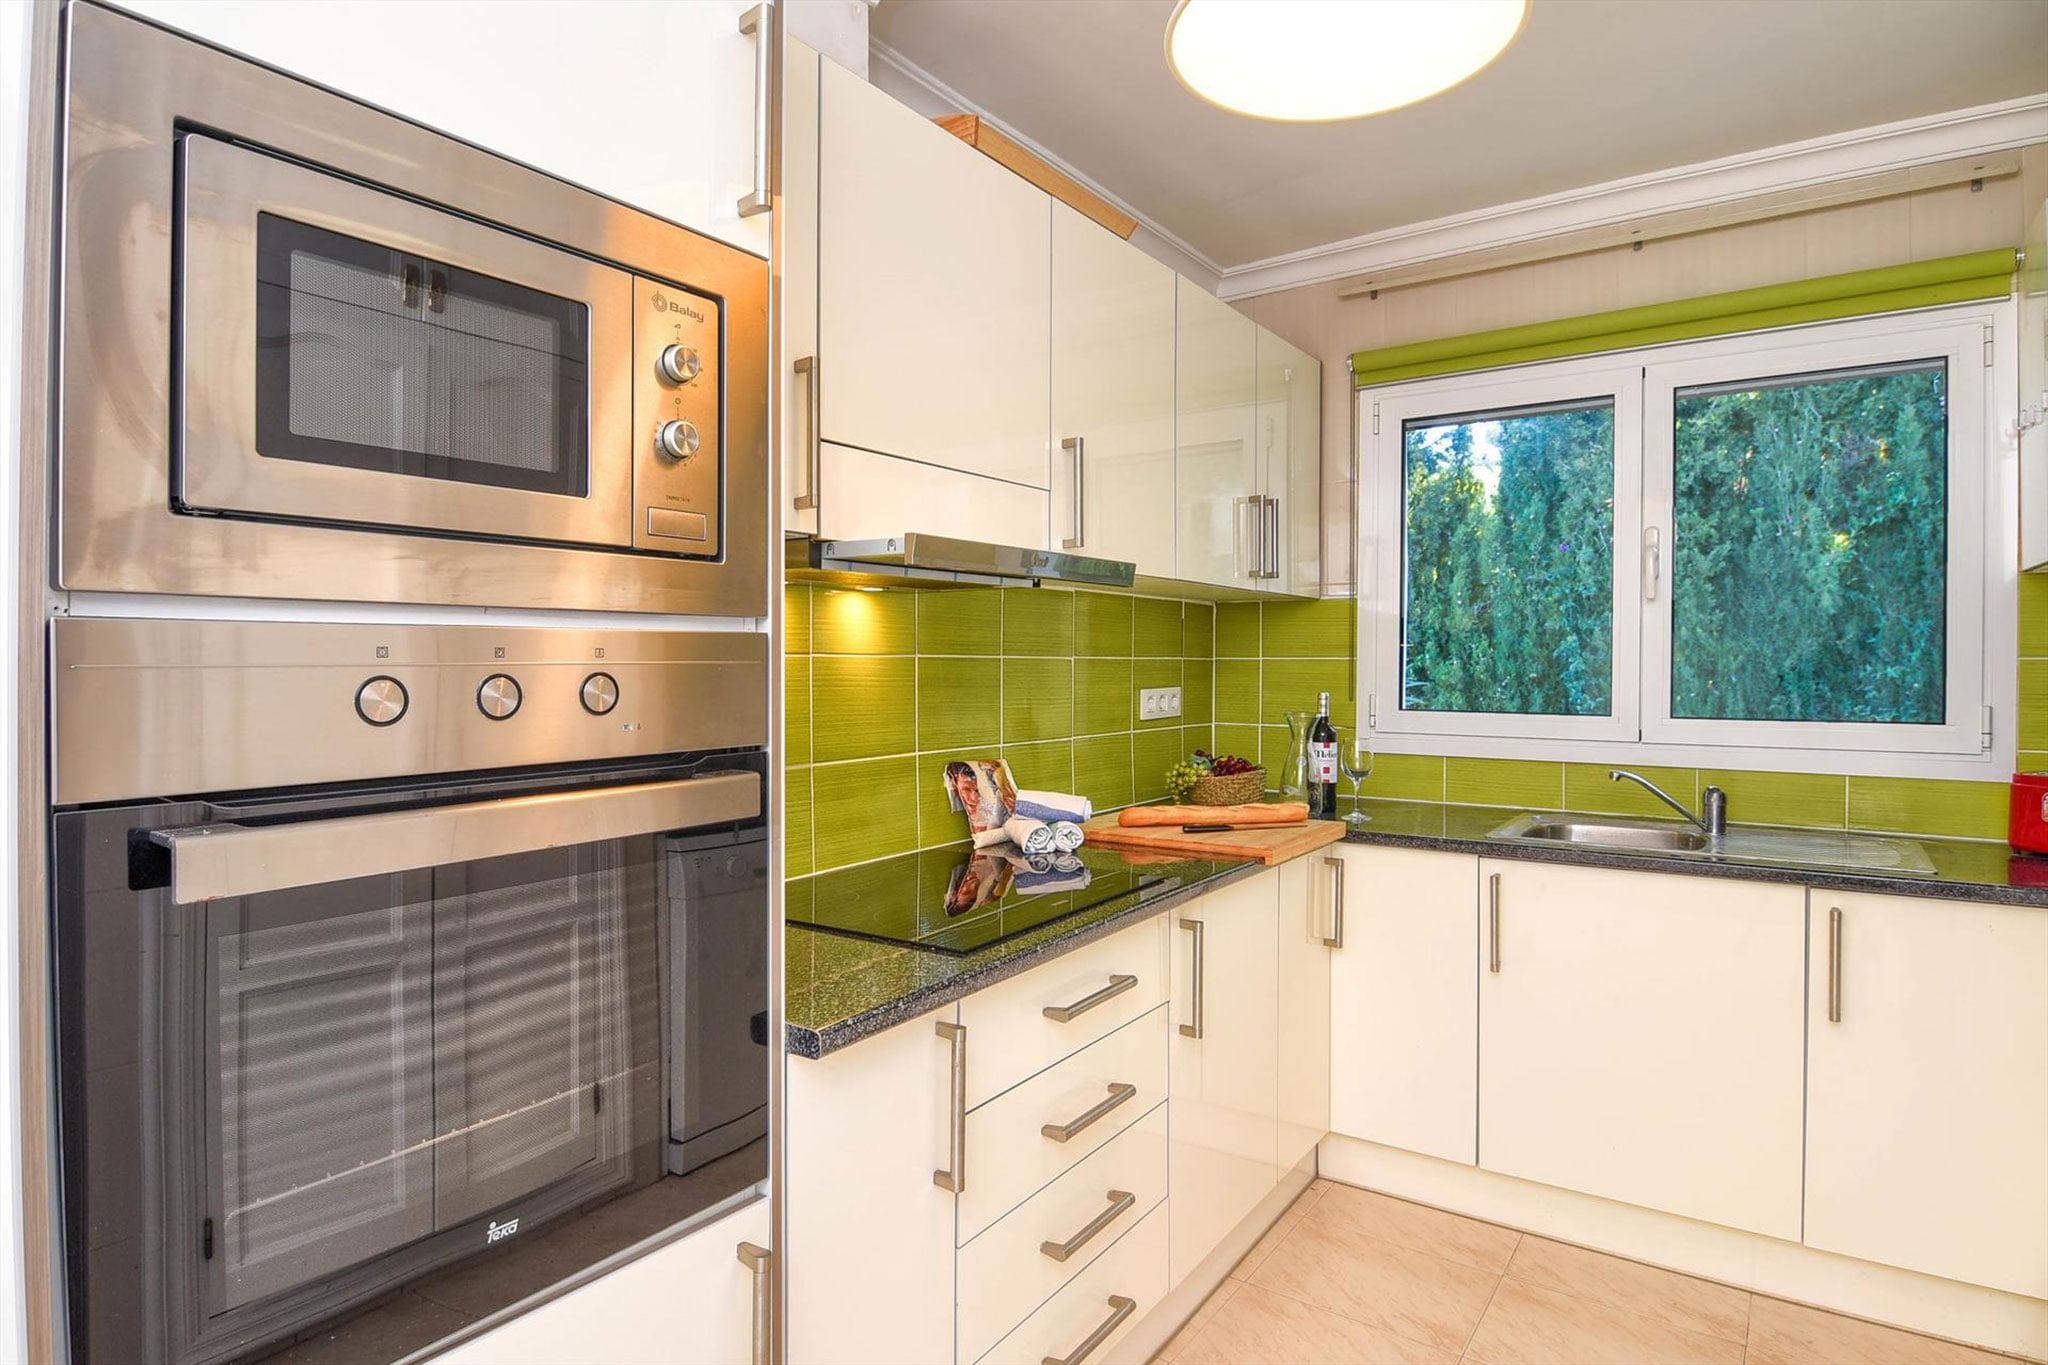 Cocina en una casa de alquiler para vacaciones en Jávea – Aguila Rent a Villa